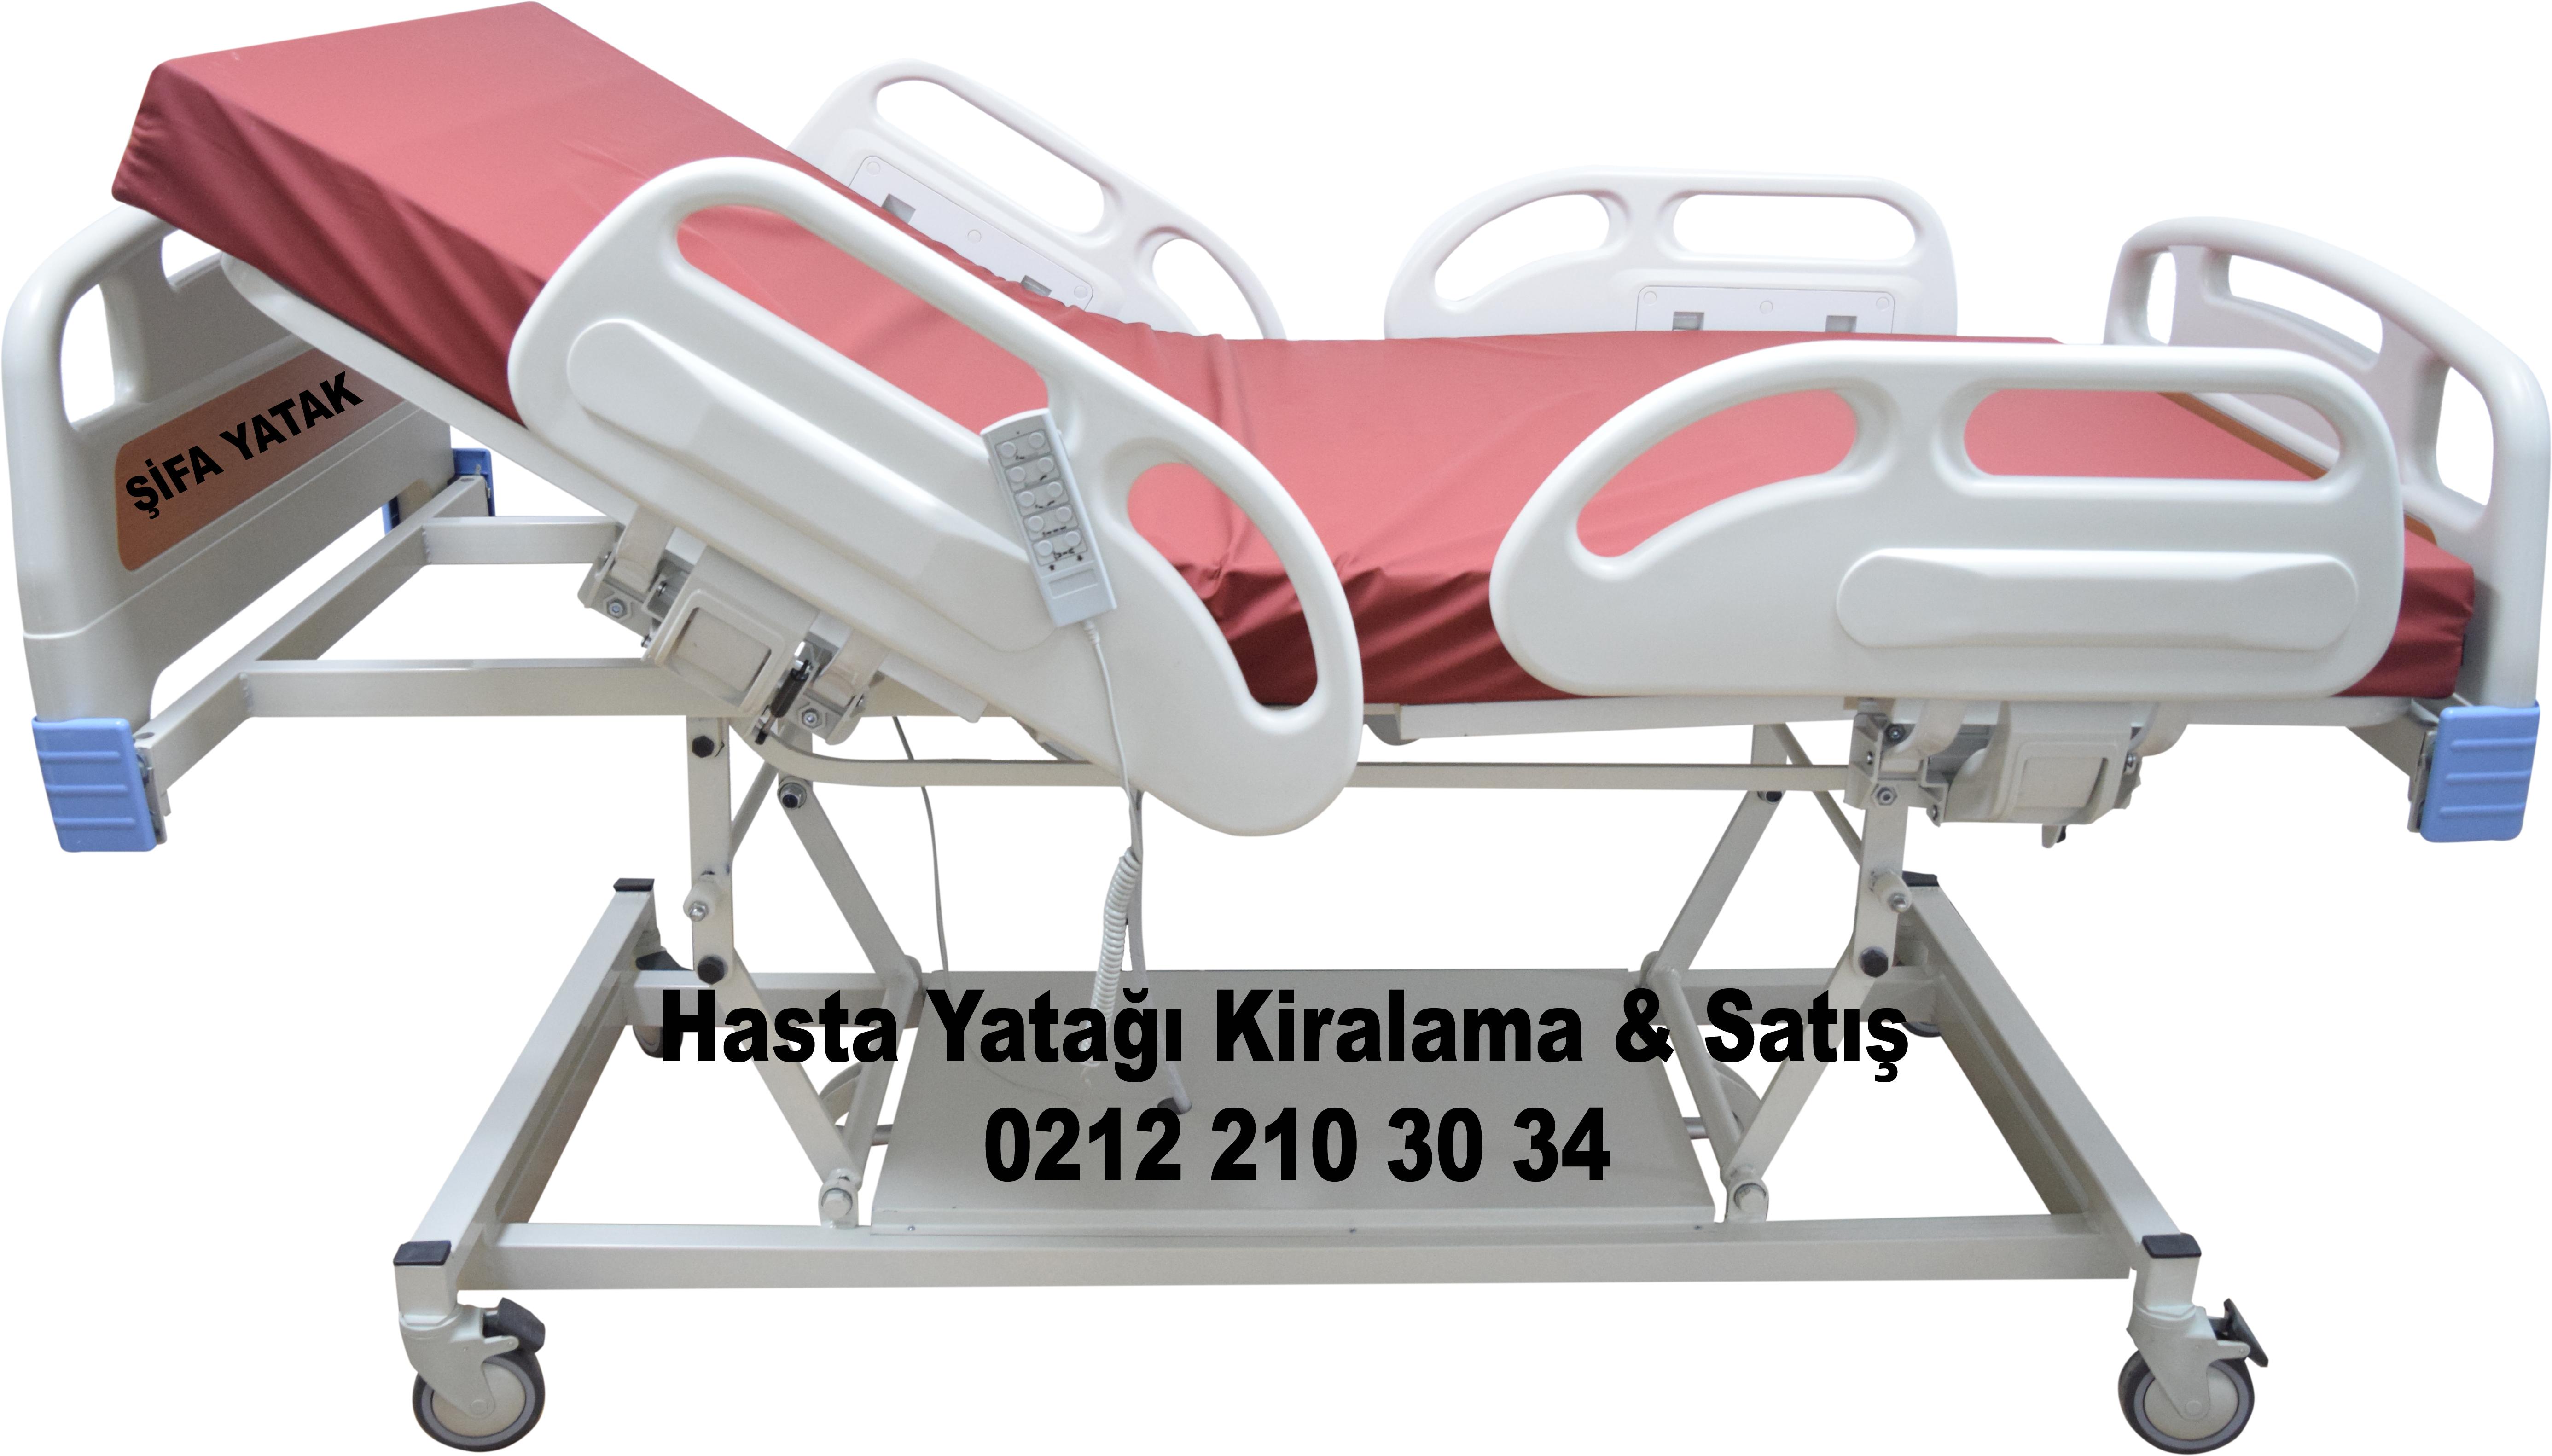 Hasta yatağı istanbul